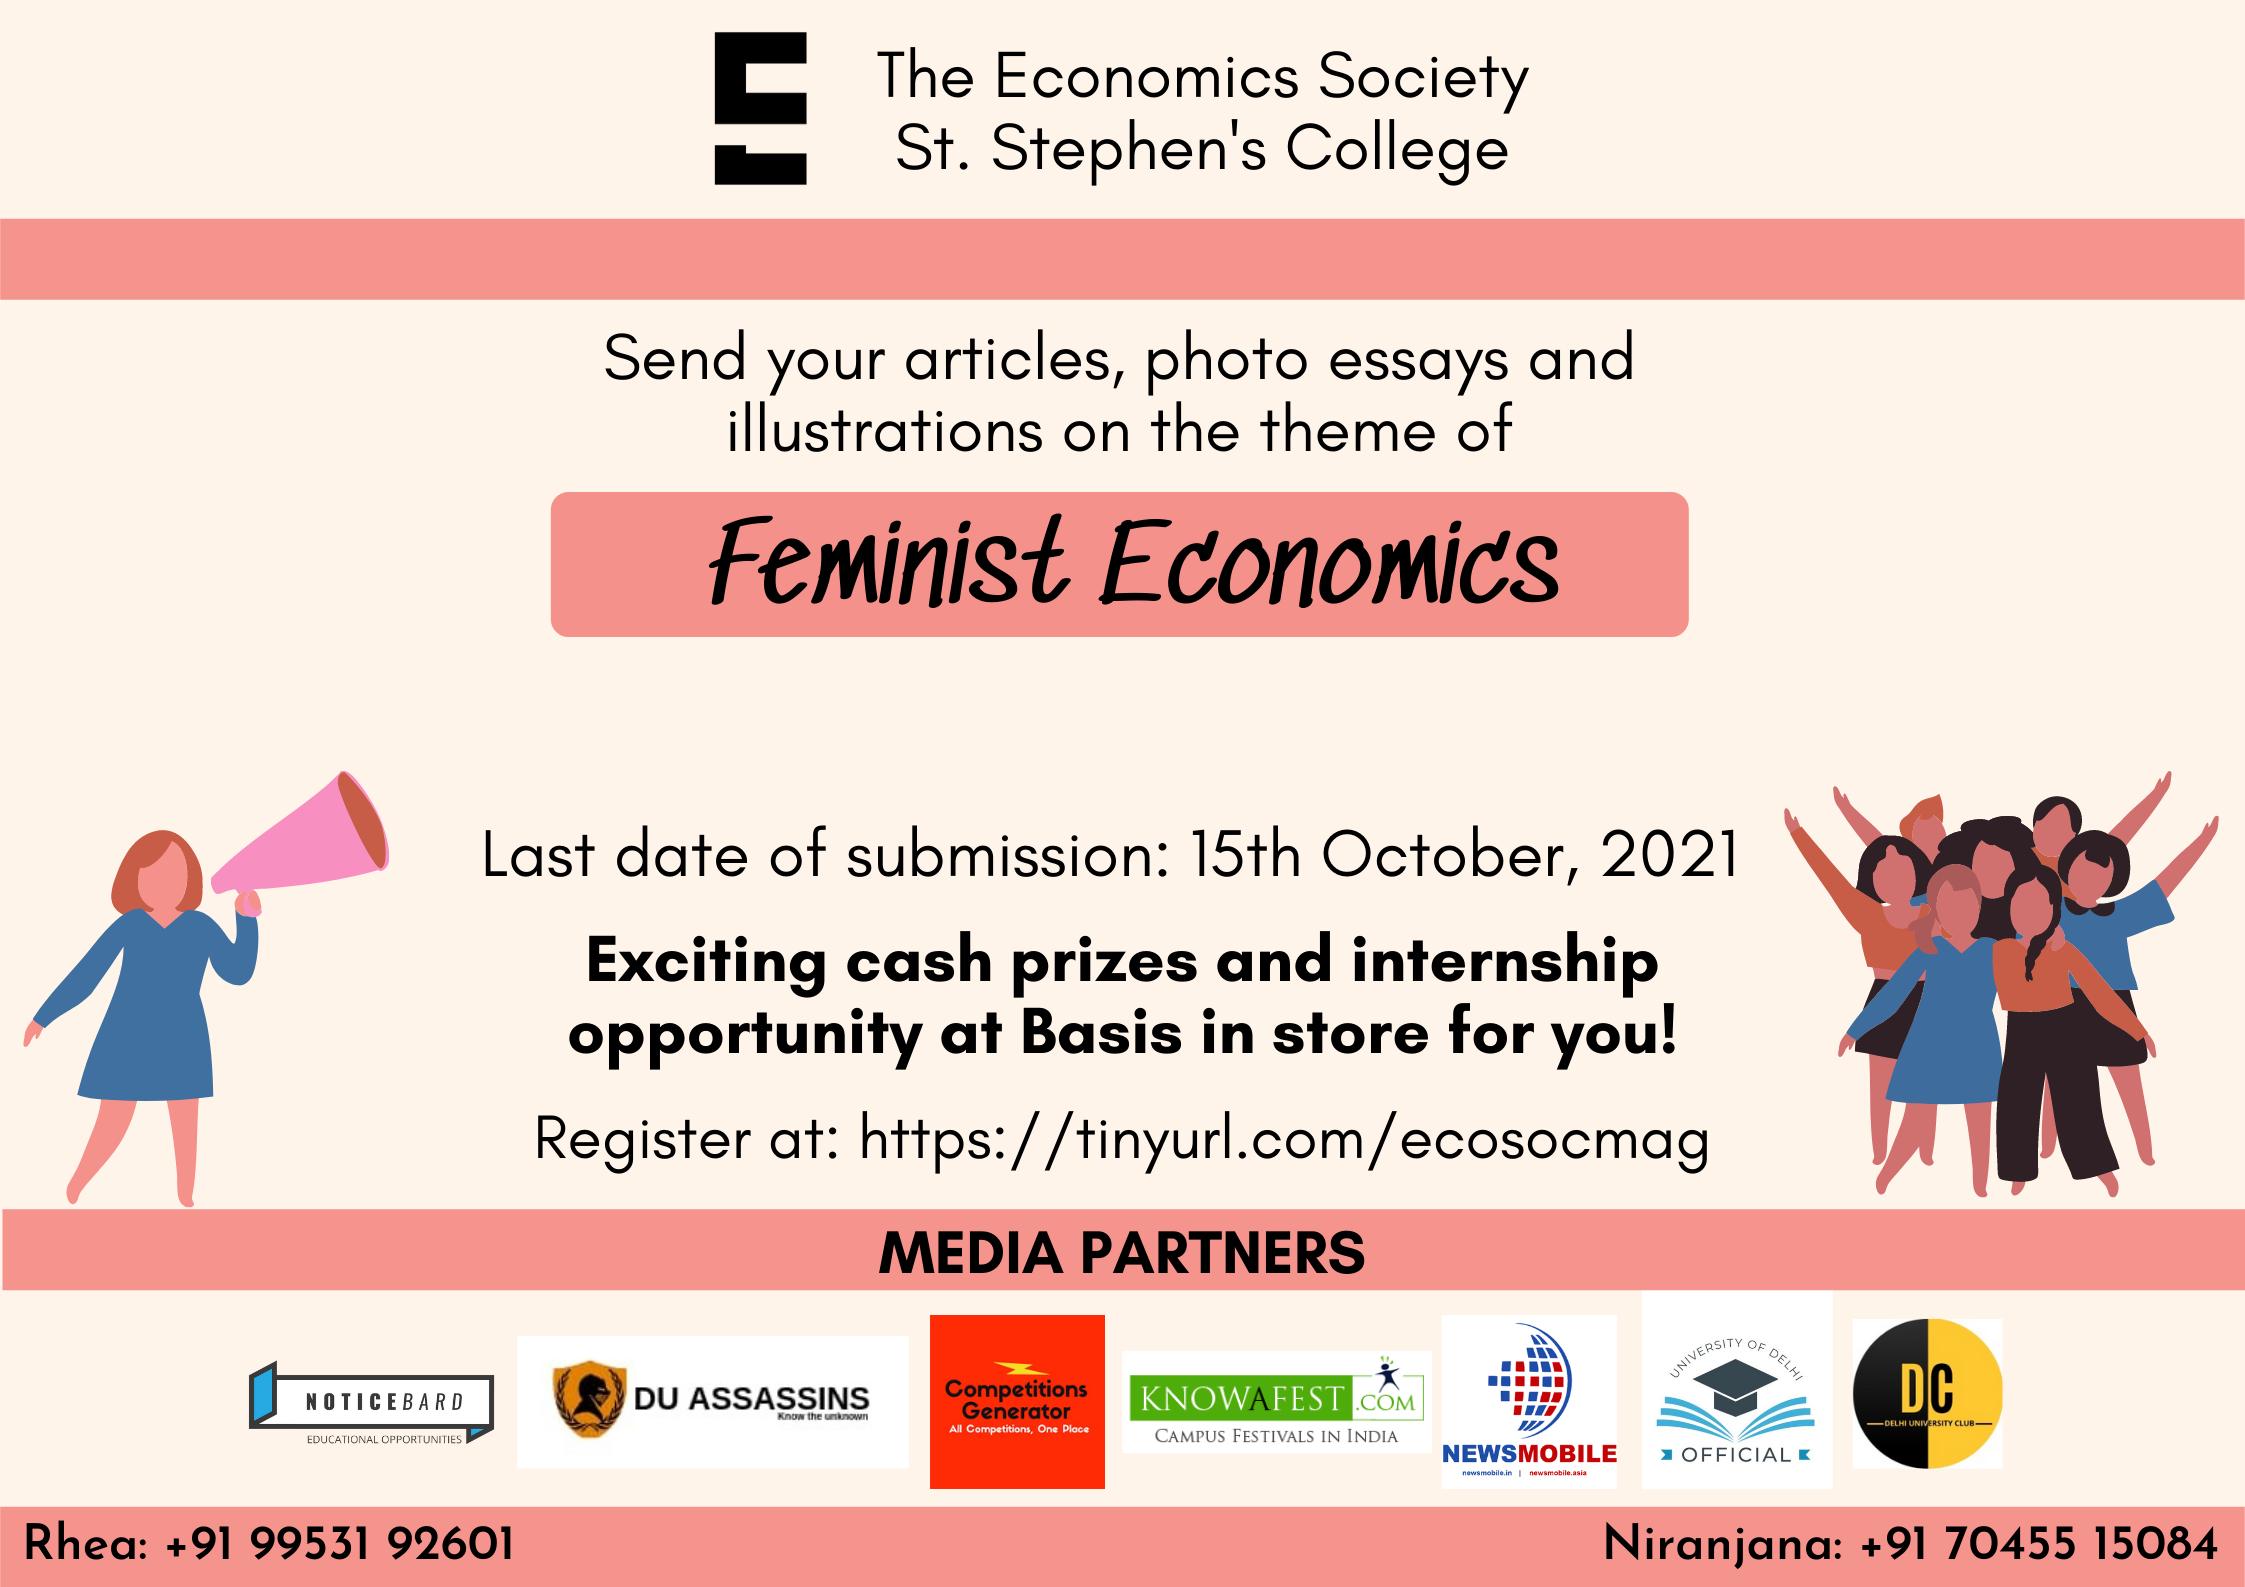 The Economics Society, St. Stephen's College Write On Feminist Economics